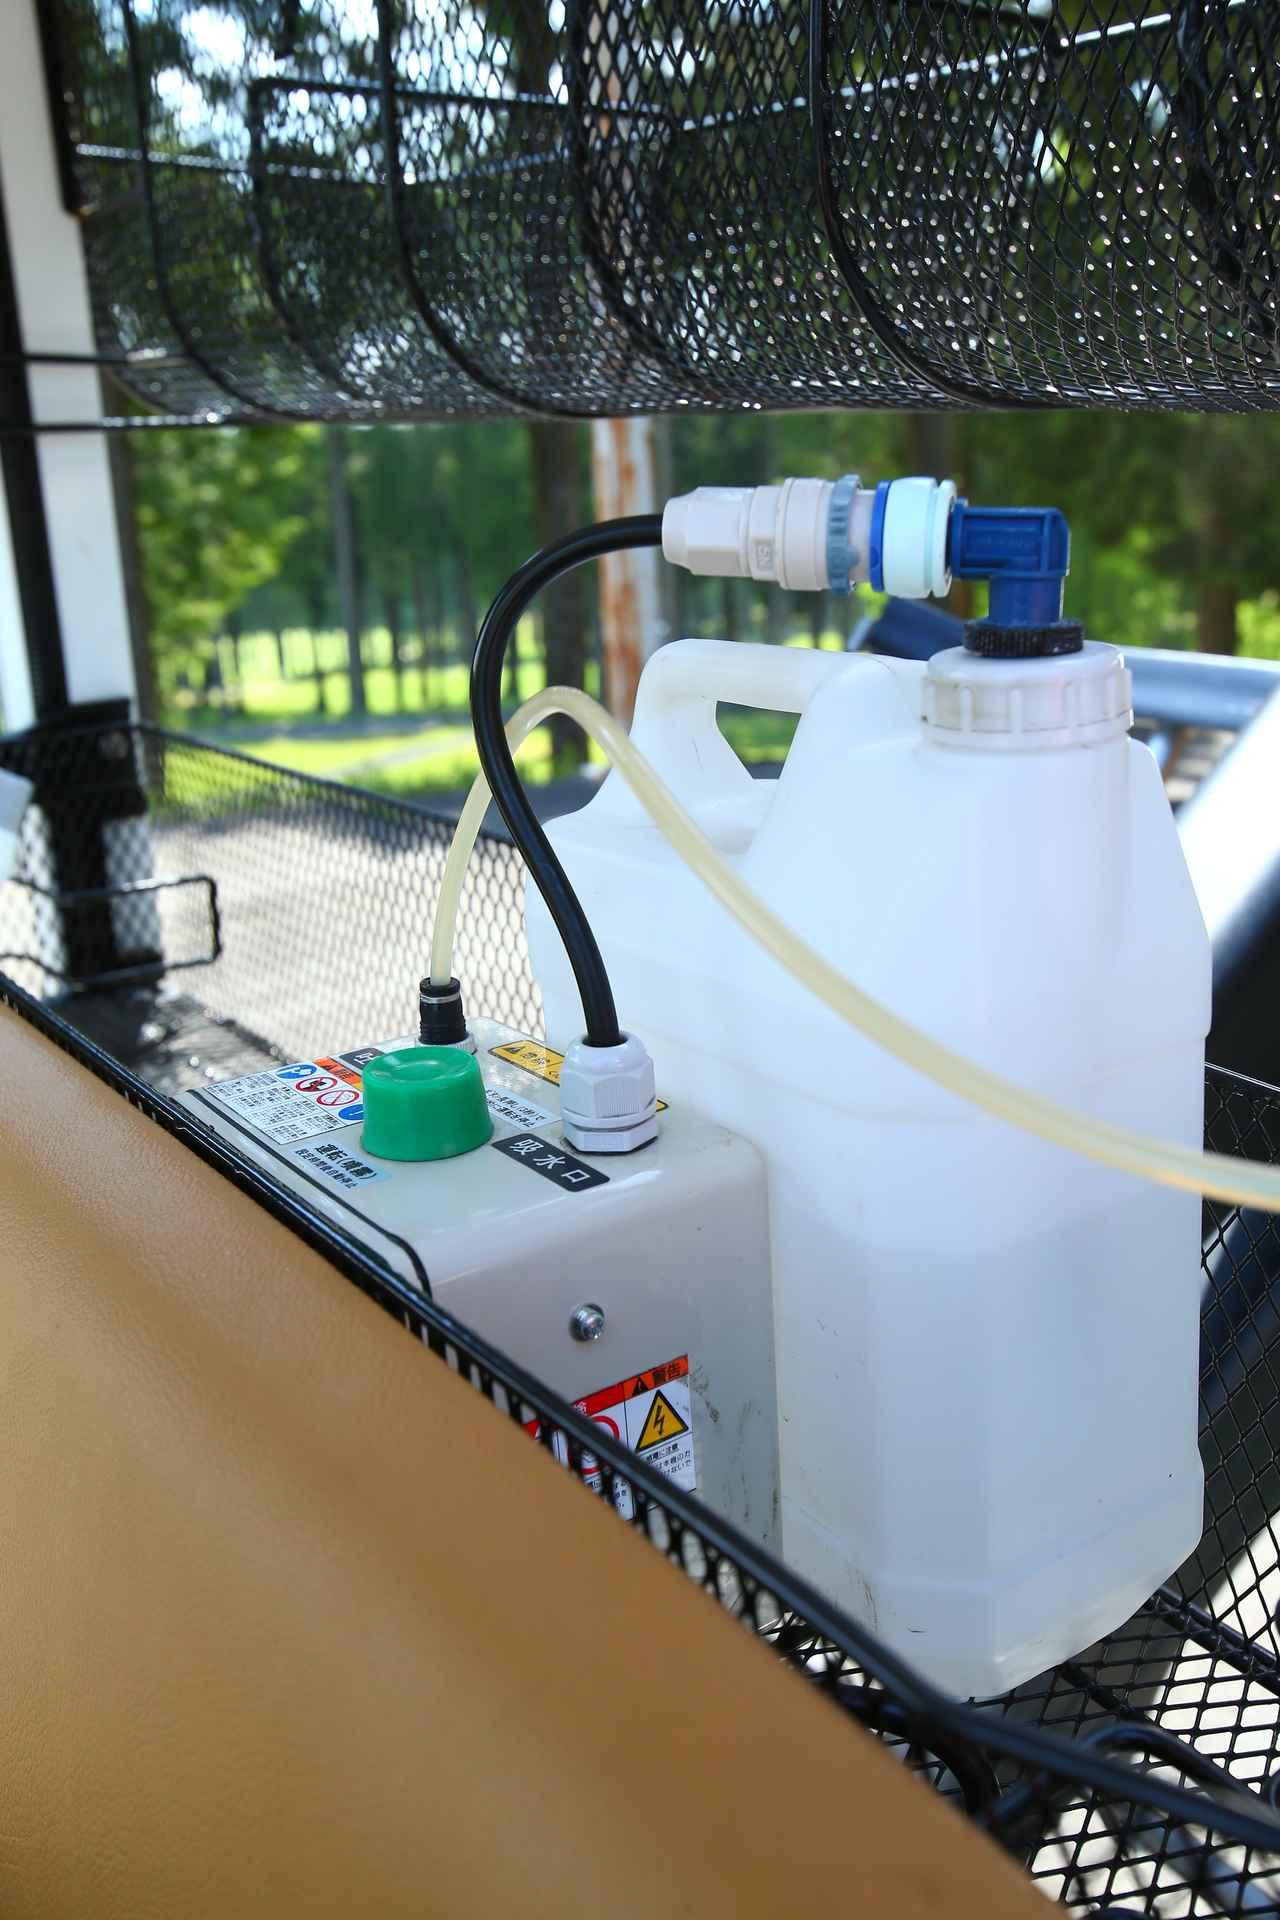 画像: このタンクに水を入れてボタンを押すと…